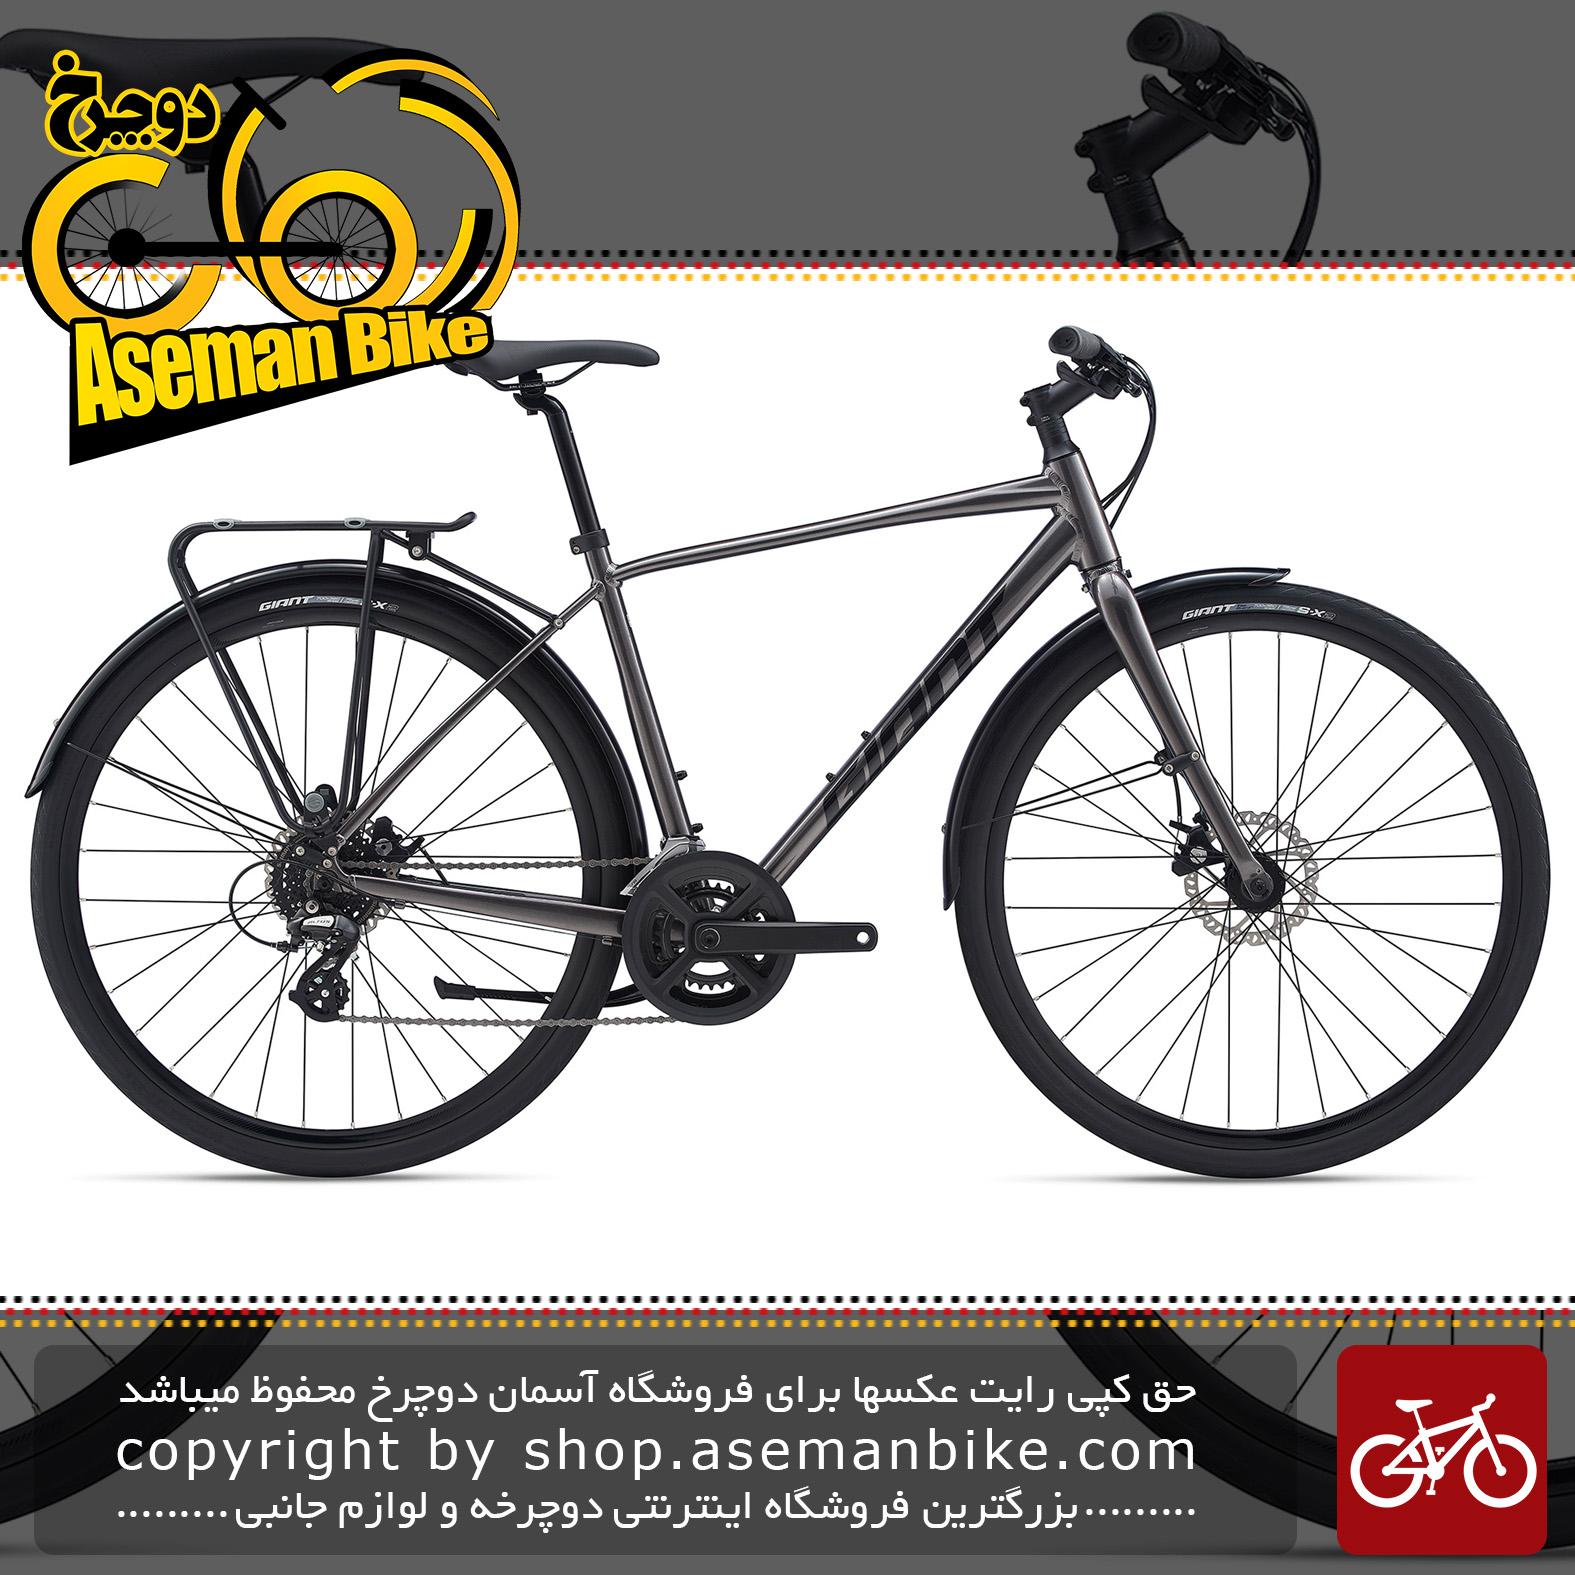 دوچرخه شهری جاینت مدل اسکیپ سیتی دیسک هیدرولیک 3 2020 Giant City Bicycle Escape City Disc 3 2020